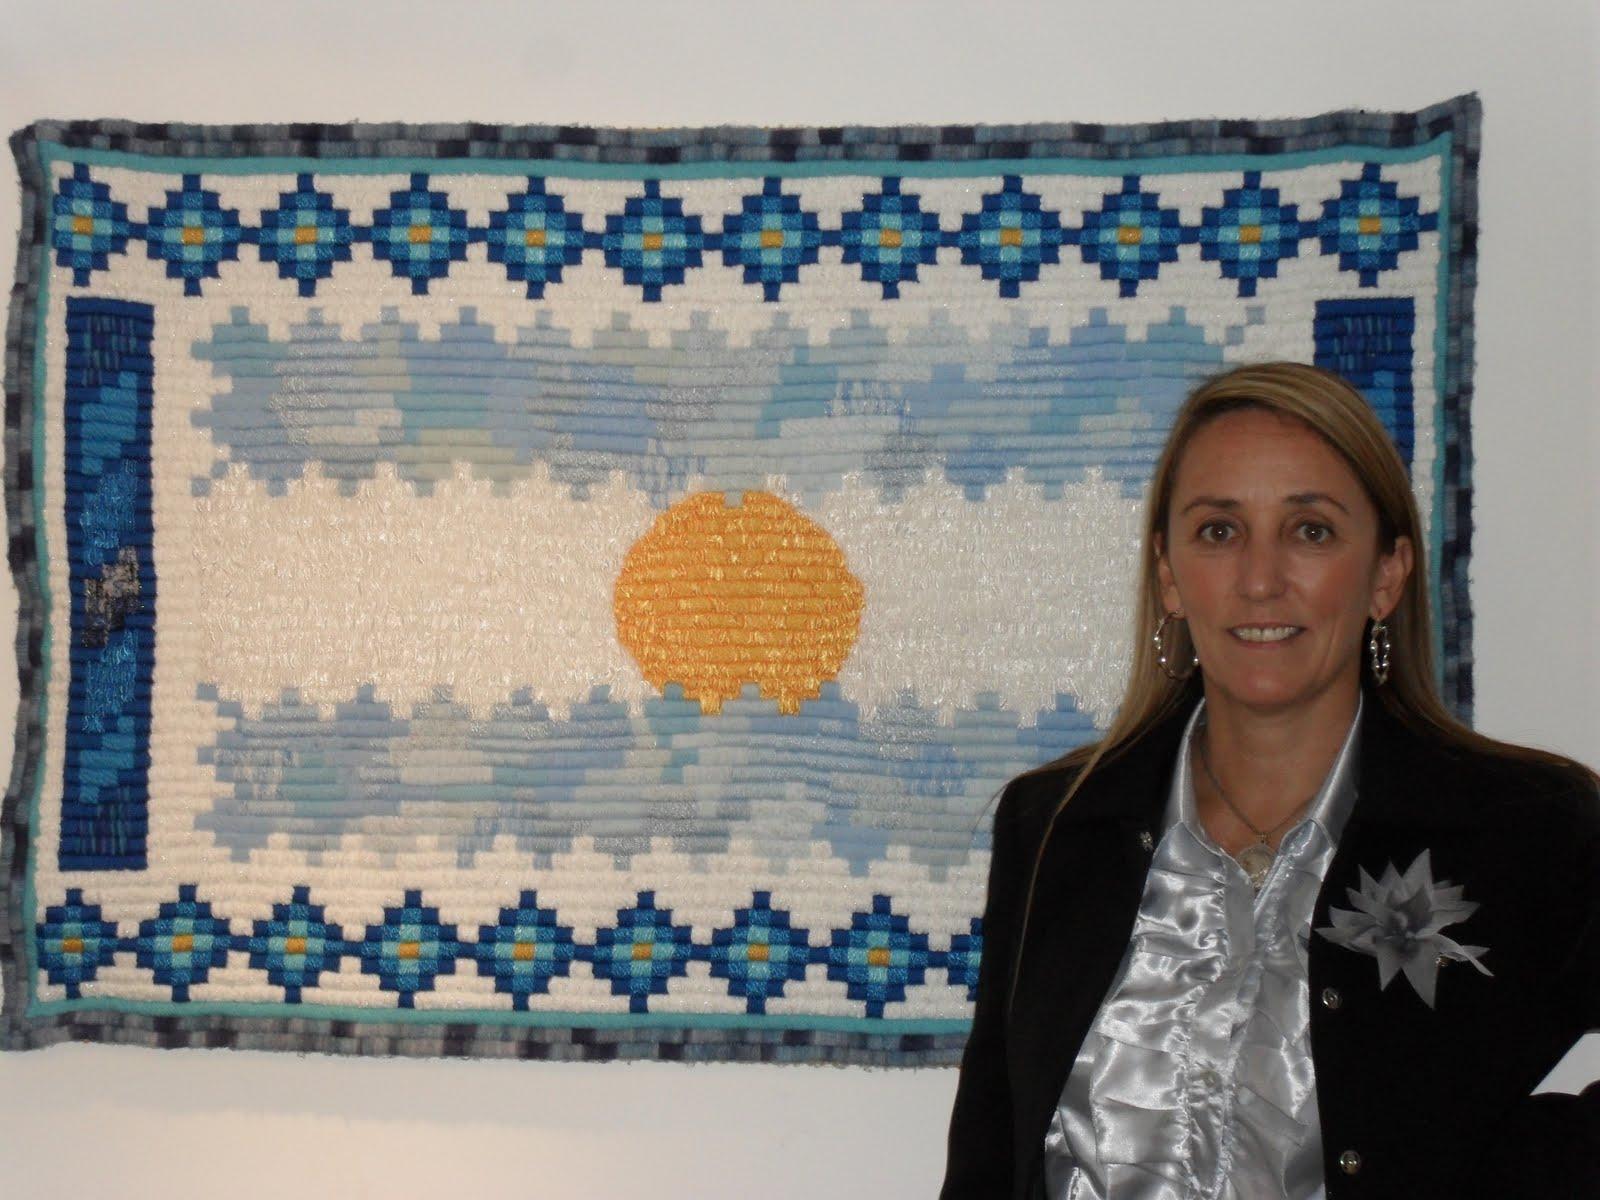 Mariana mai arte textil decoraci n y dise o 1 bandera for Decoracion 9 de julio primaria